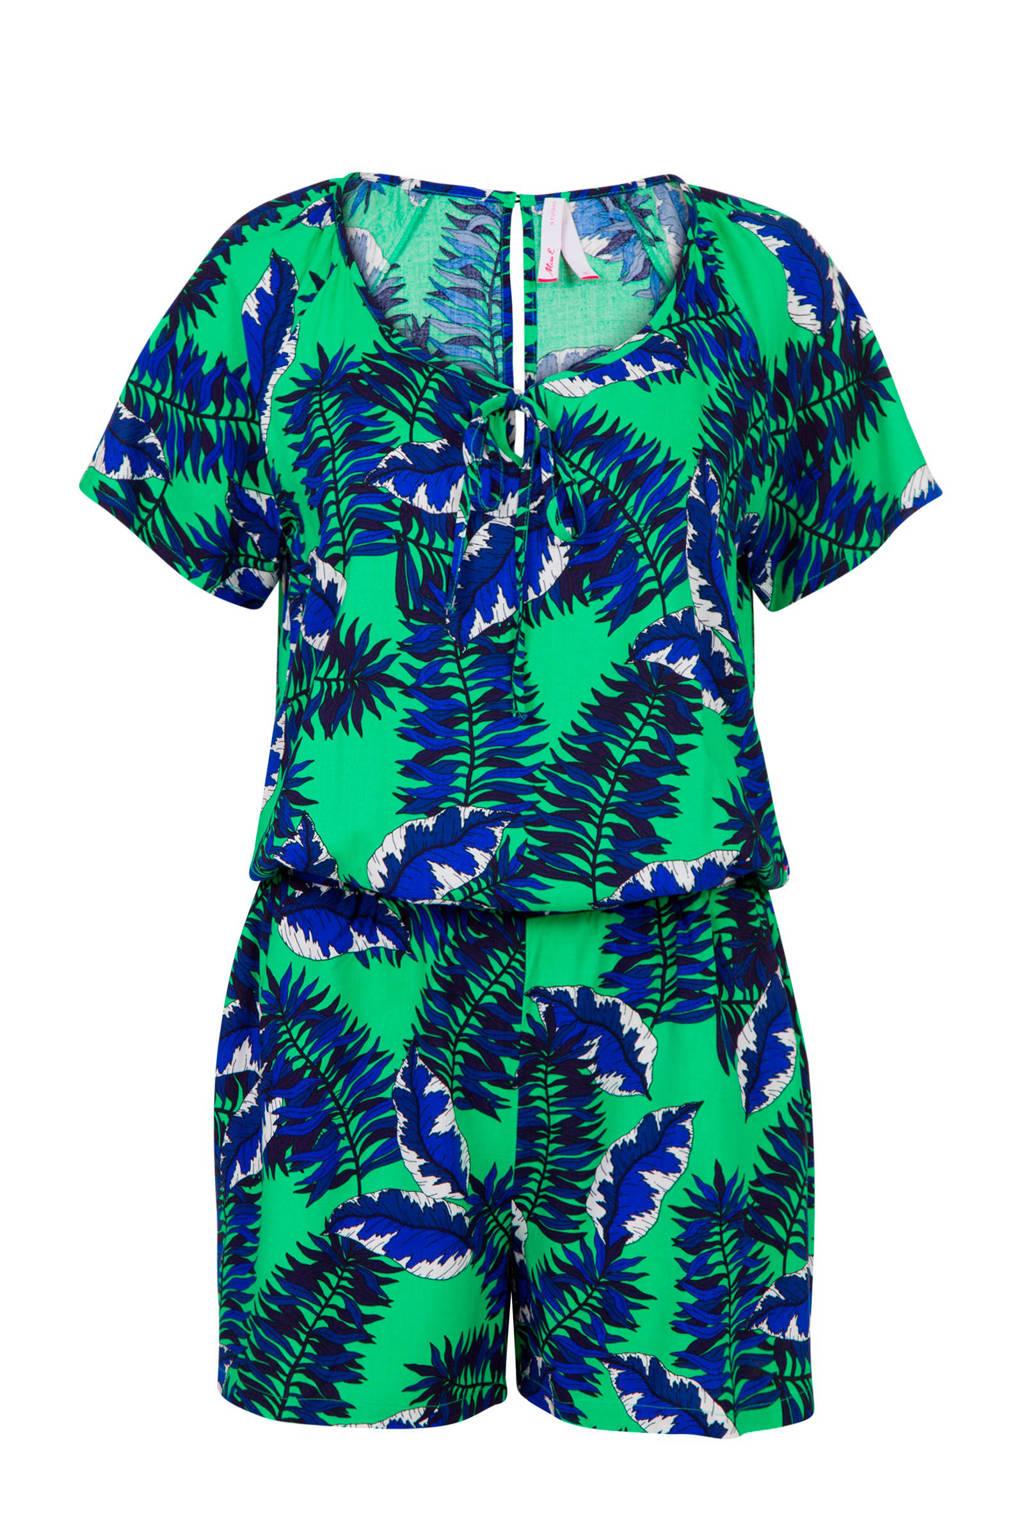 Miss Etam Regulier jumpsuit met bladprint groen/blauw, Groen/blauw